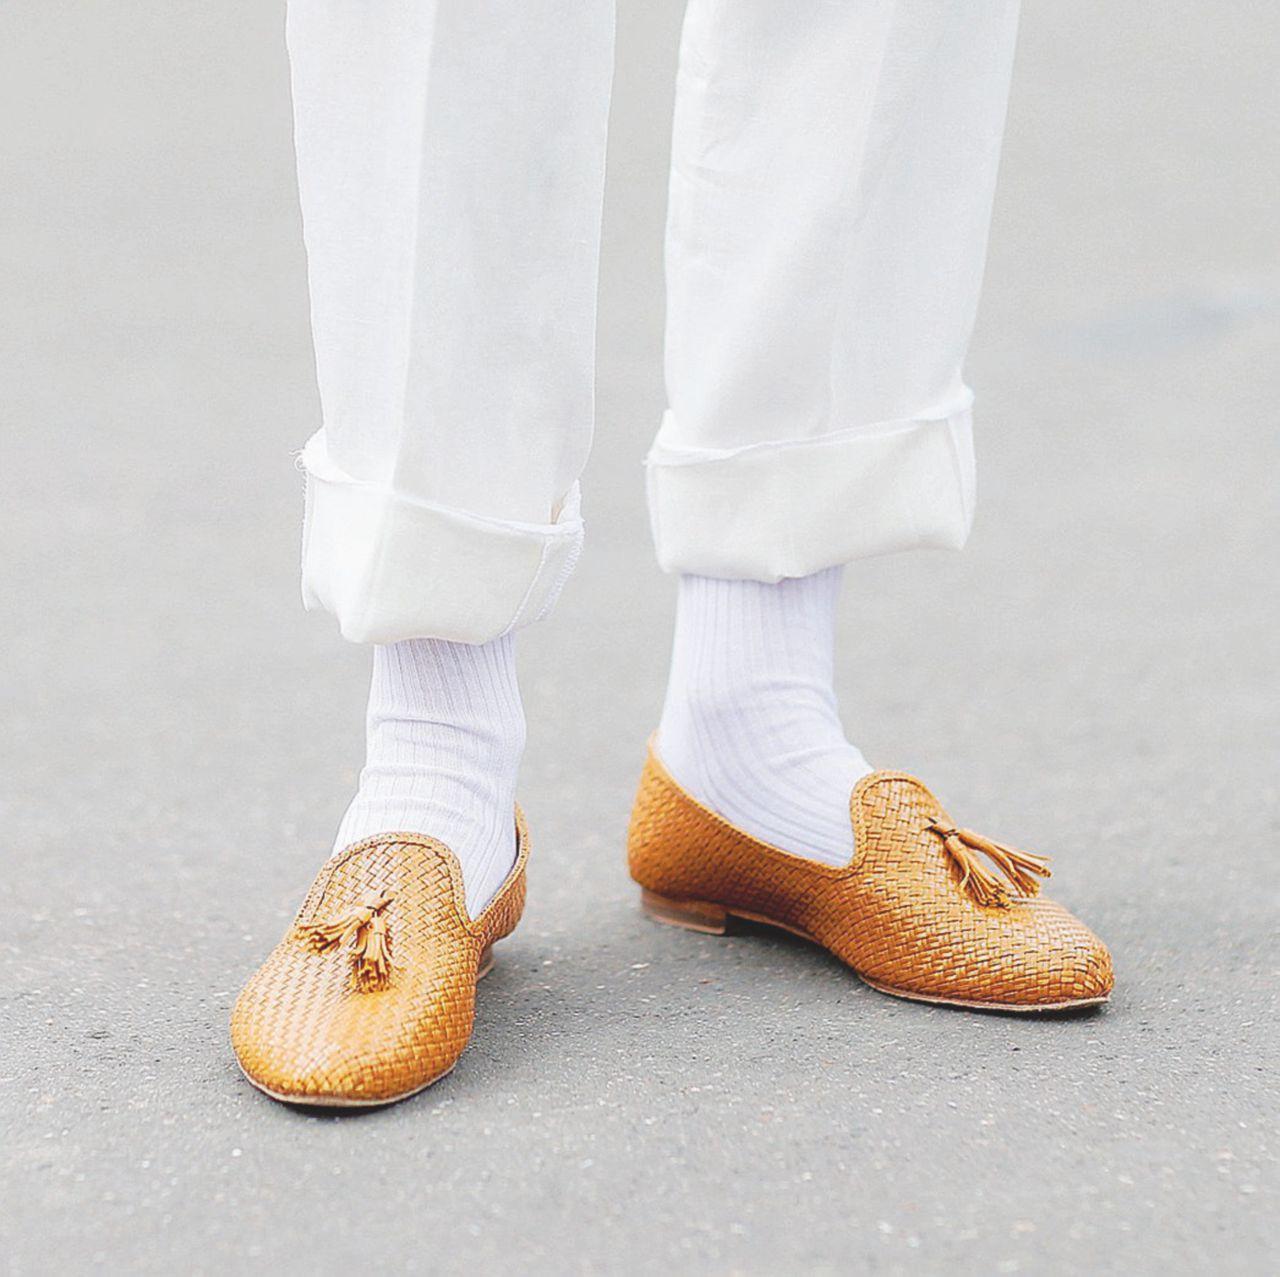 Il calzino corto e bianco: nessuno è mai così cattivo da meritarselo